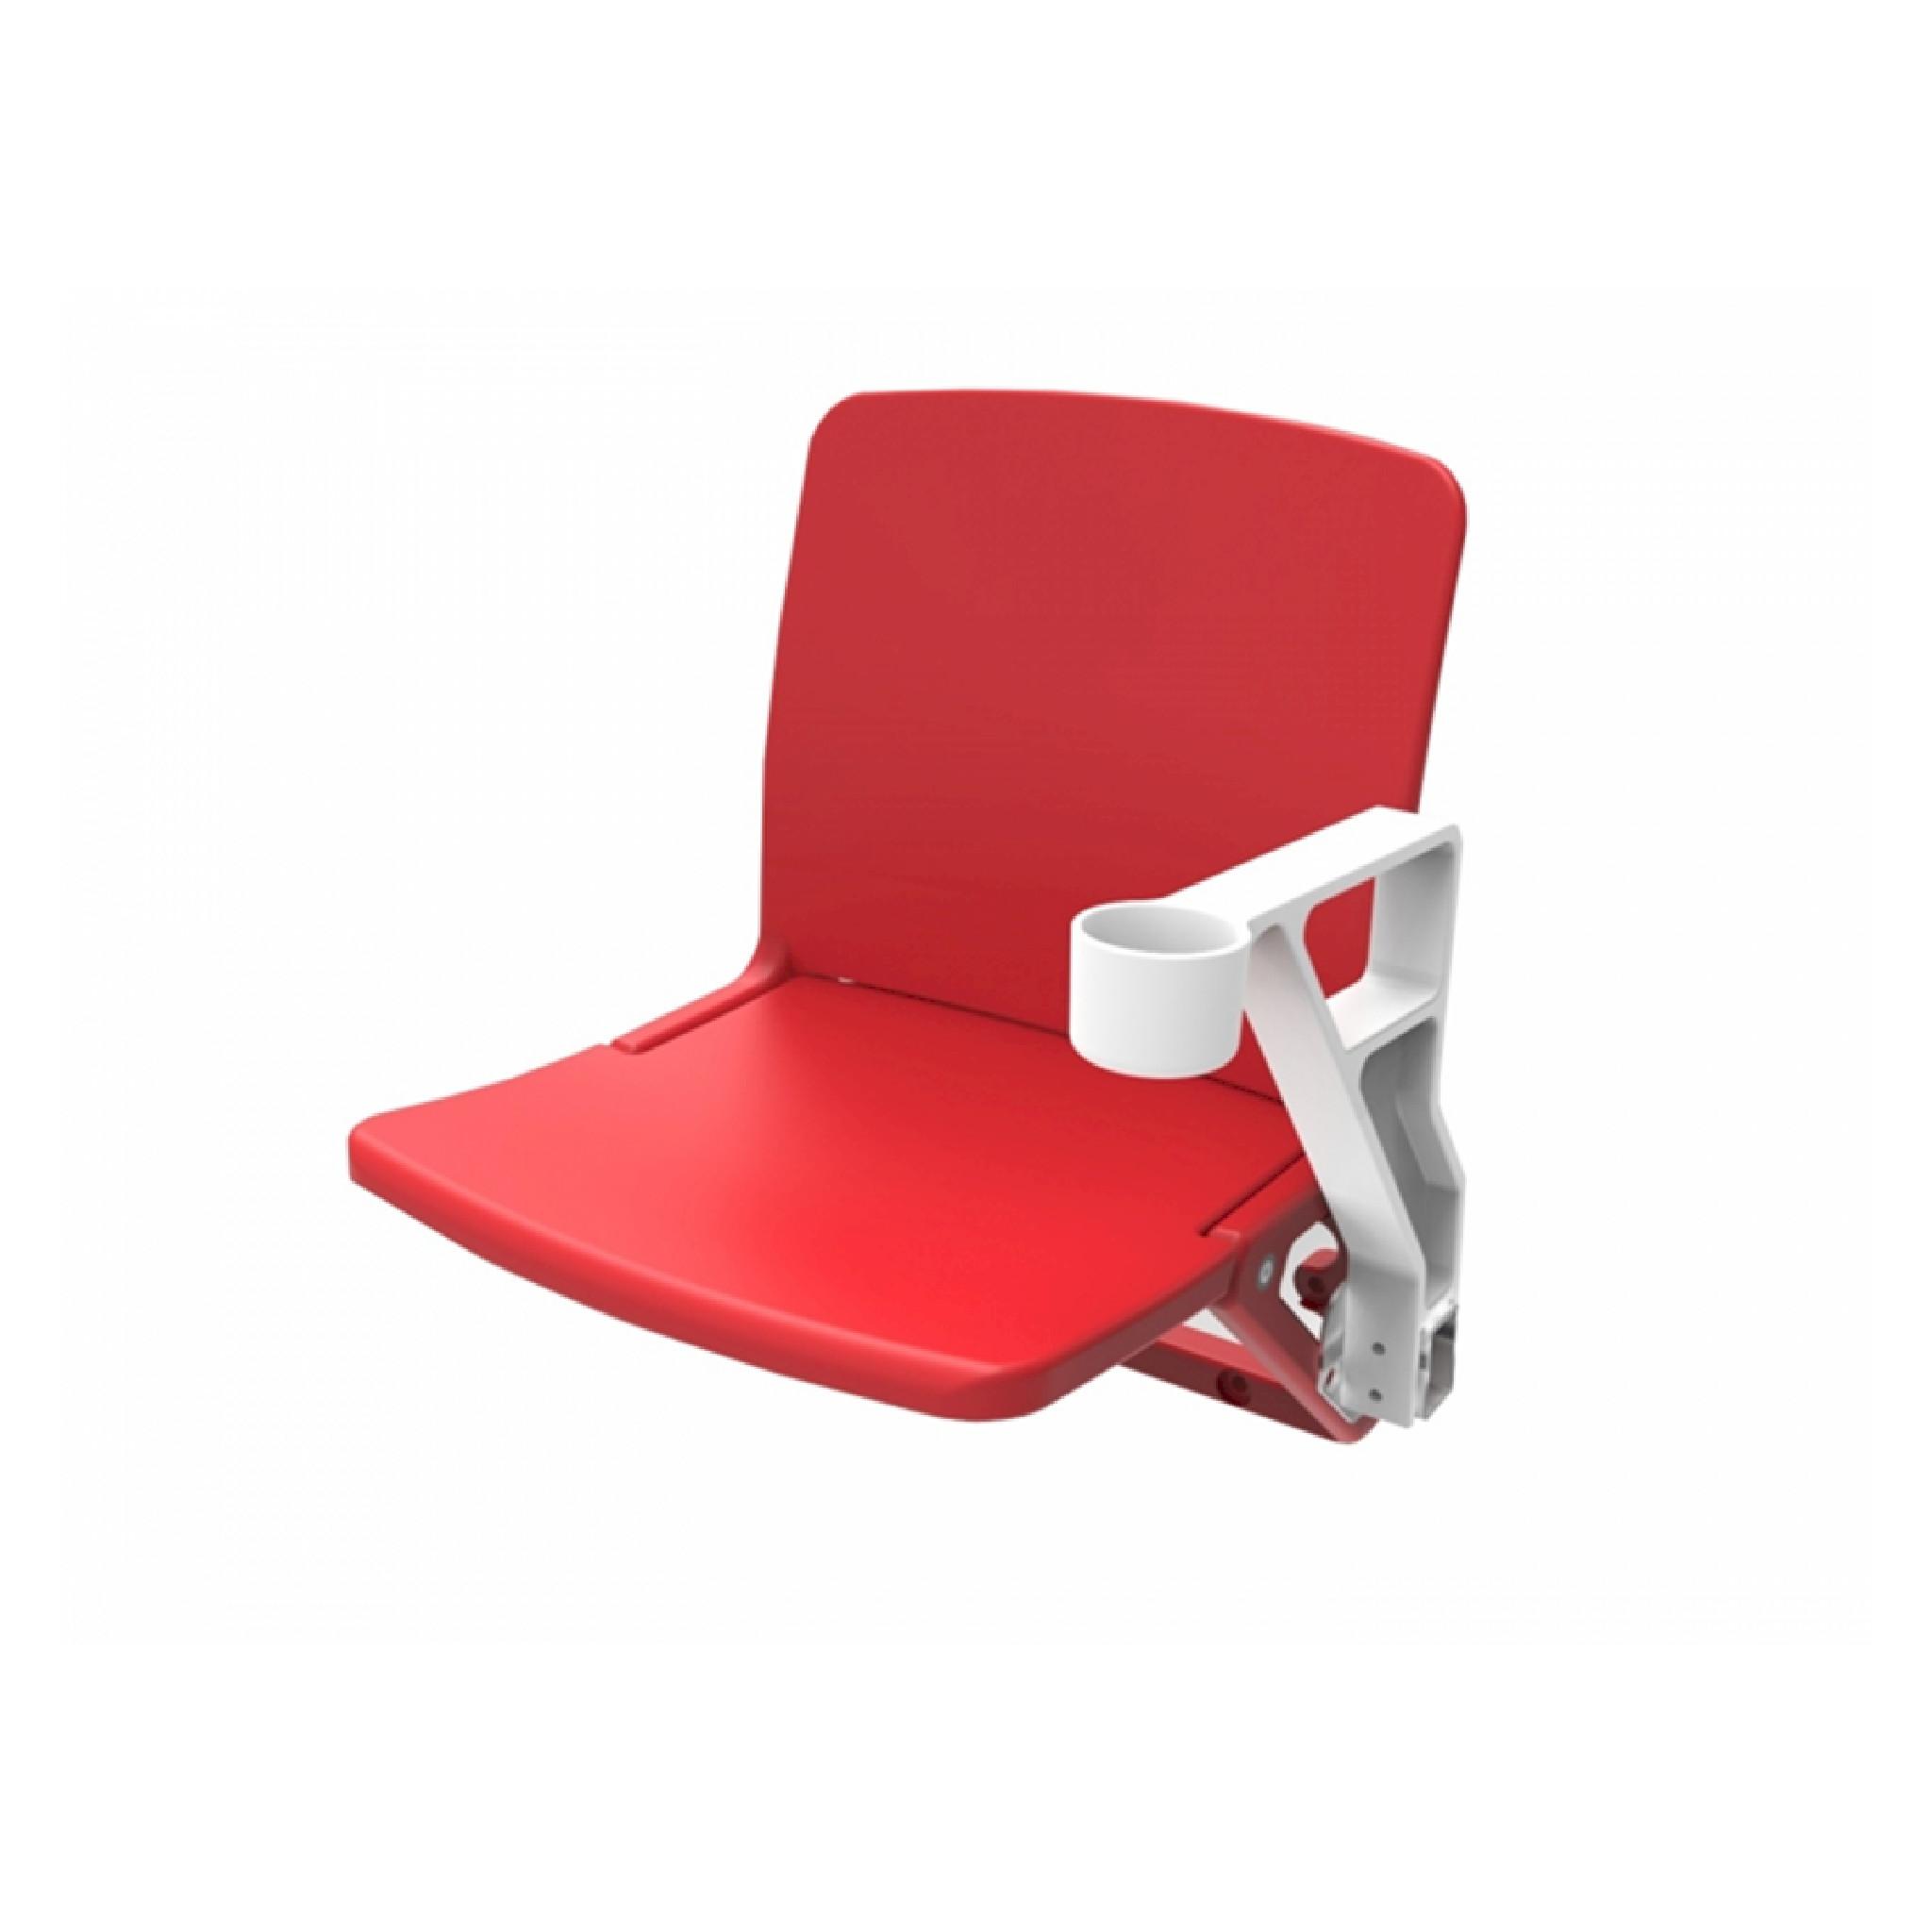 omega_tipup_stadium_chair_seatorium_04